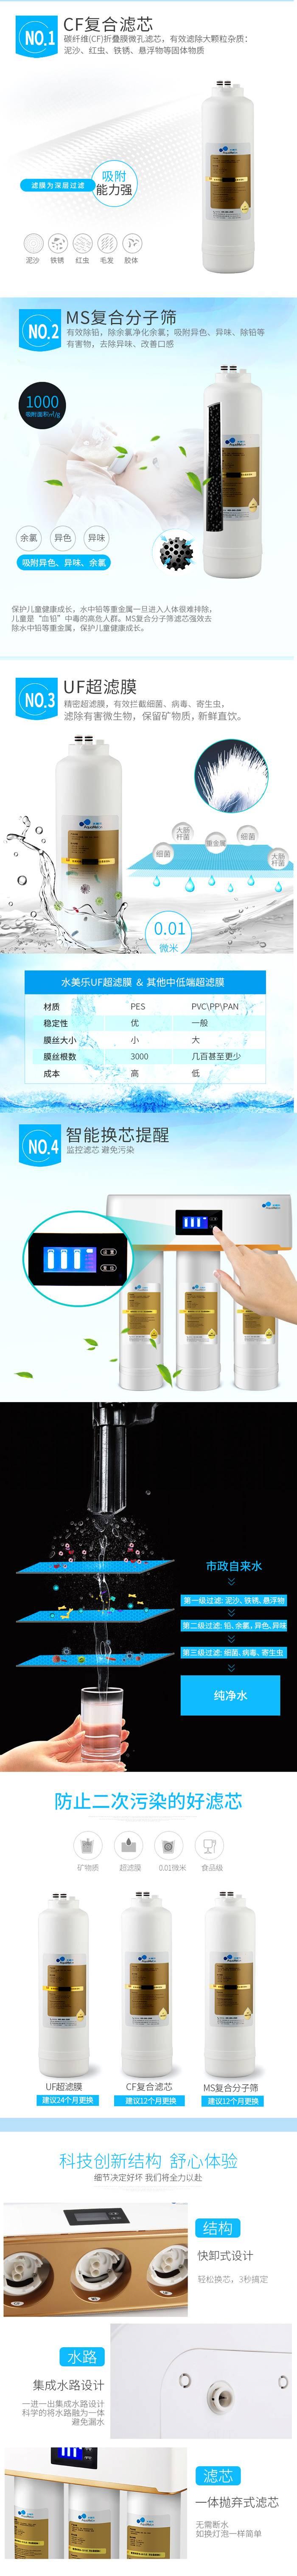 水鹿卫浴-厨房-净水器-国际品牌同厂超滤净水器滤芯